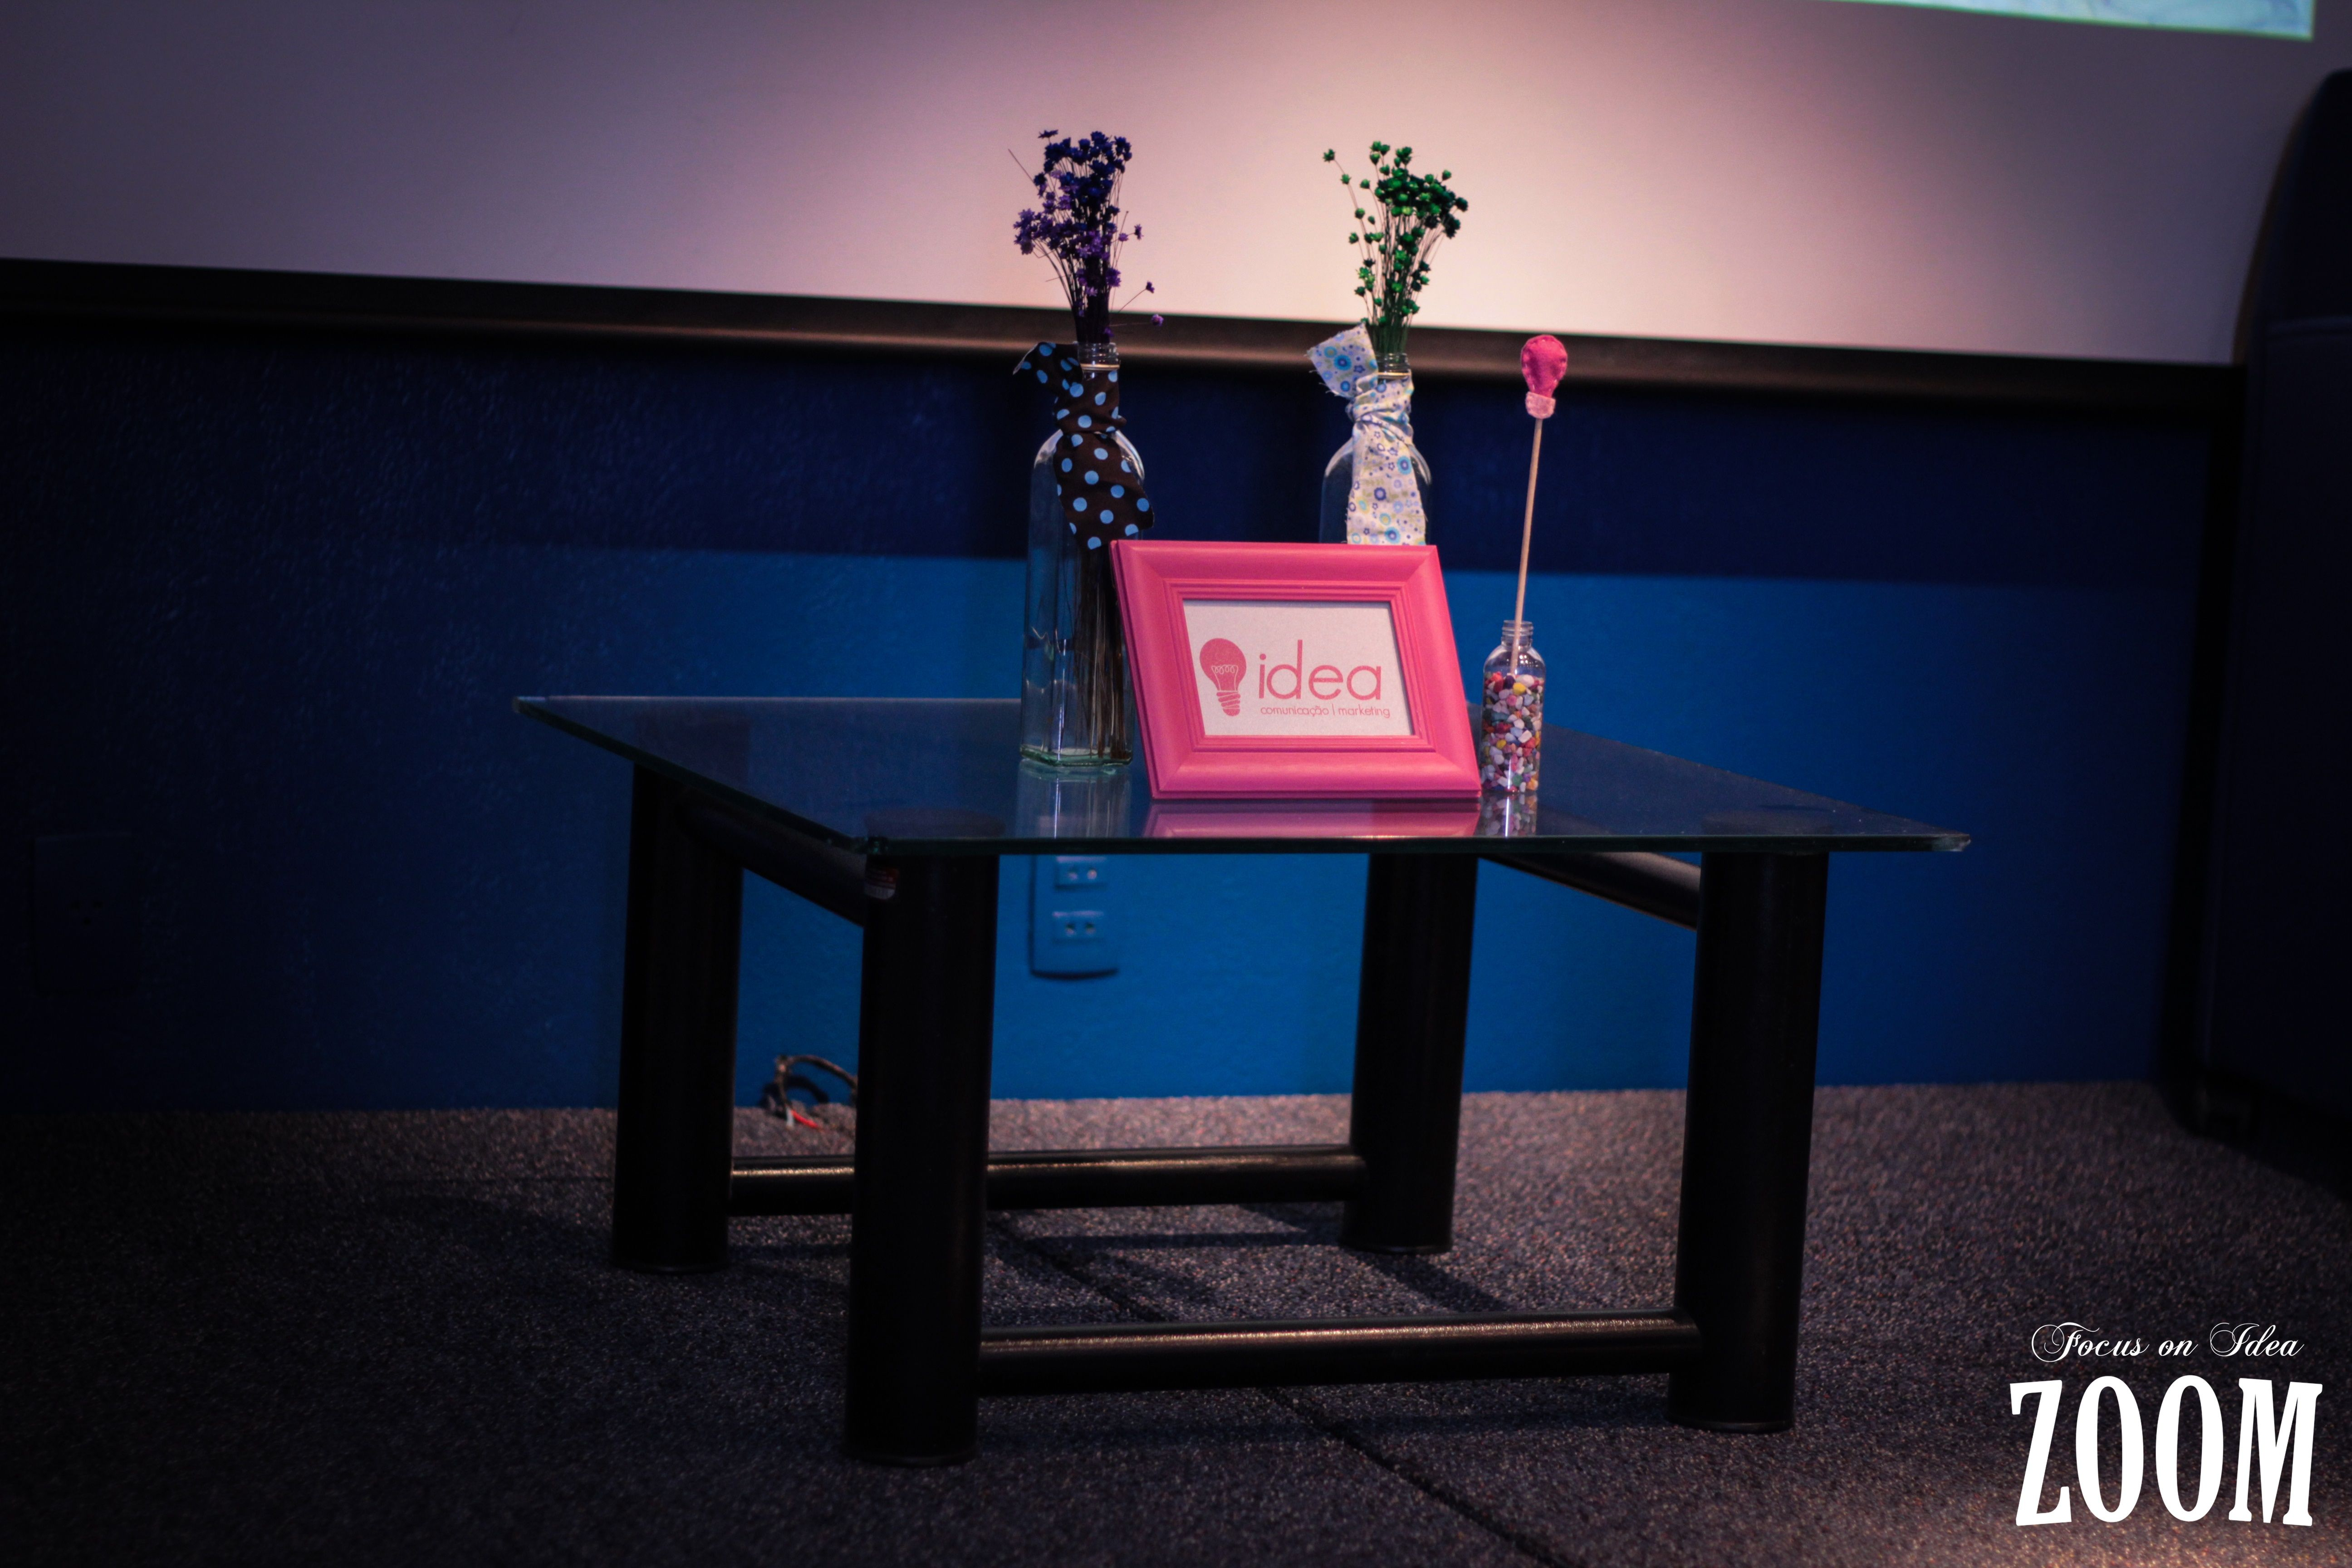 O Trocando Ideias de 2014 aconteceu no dia 04/10 na ESPM-Sul. Realização: Idea. Fotos: Zoom